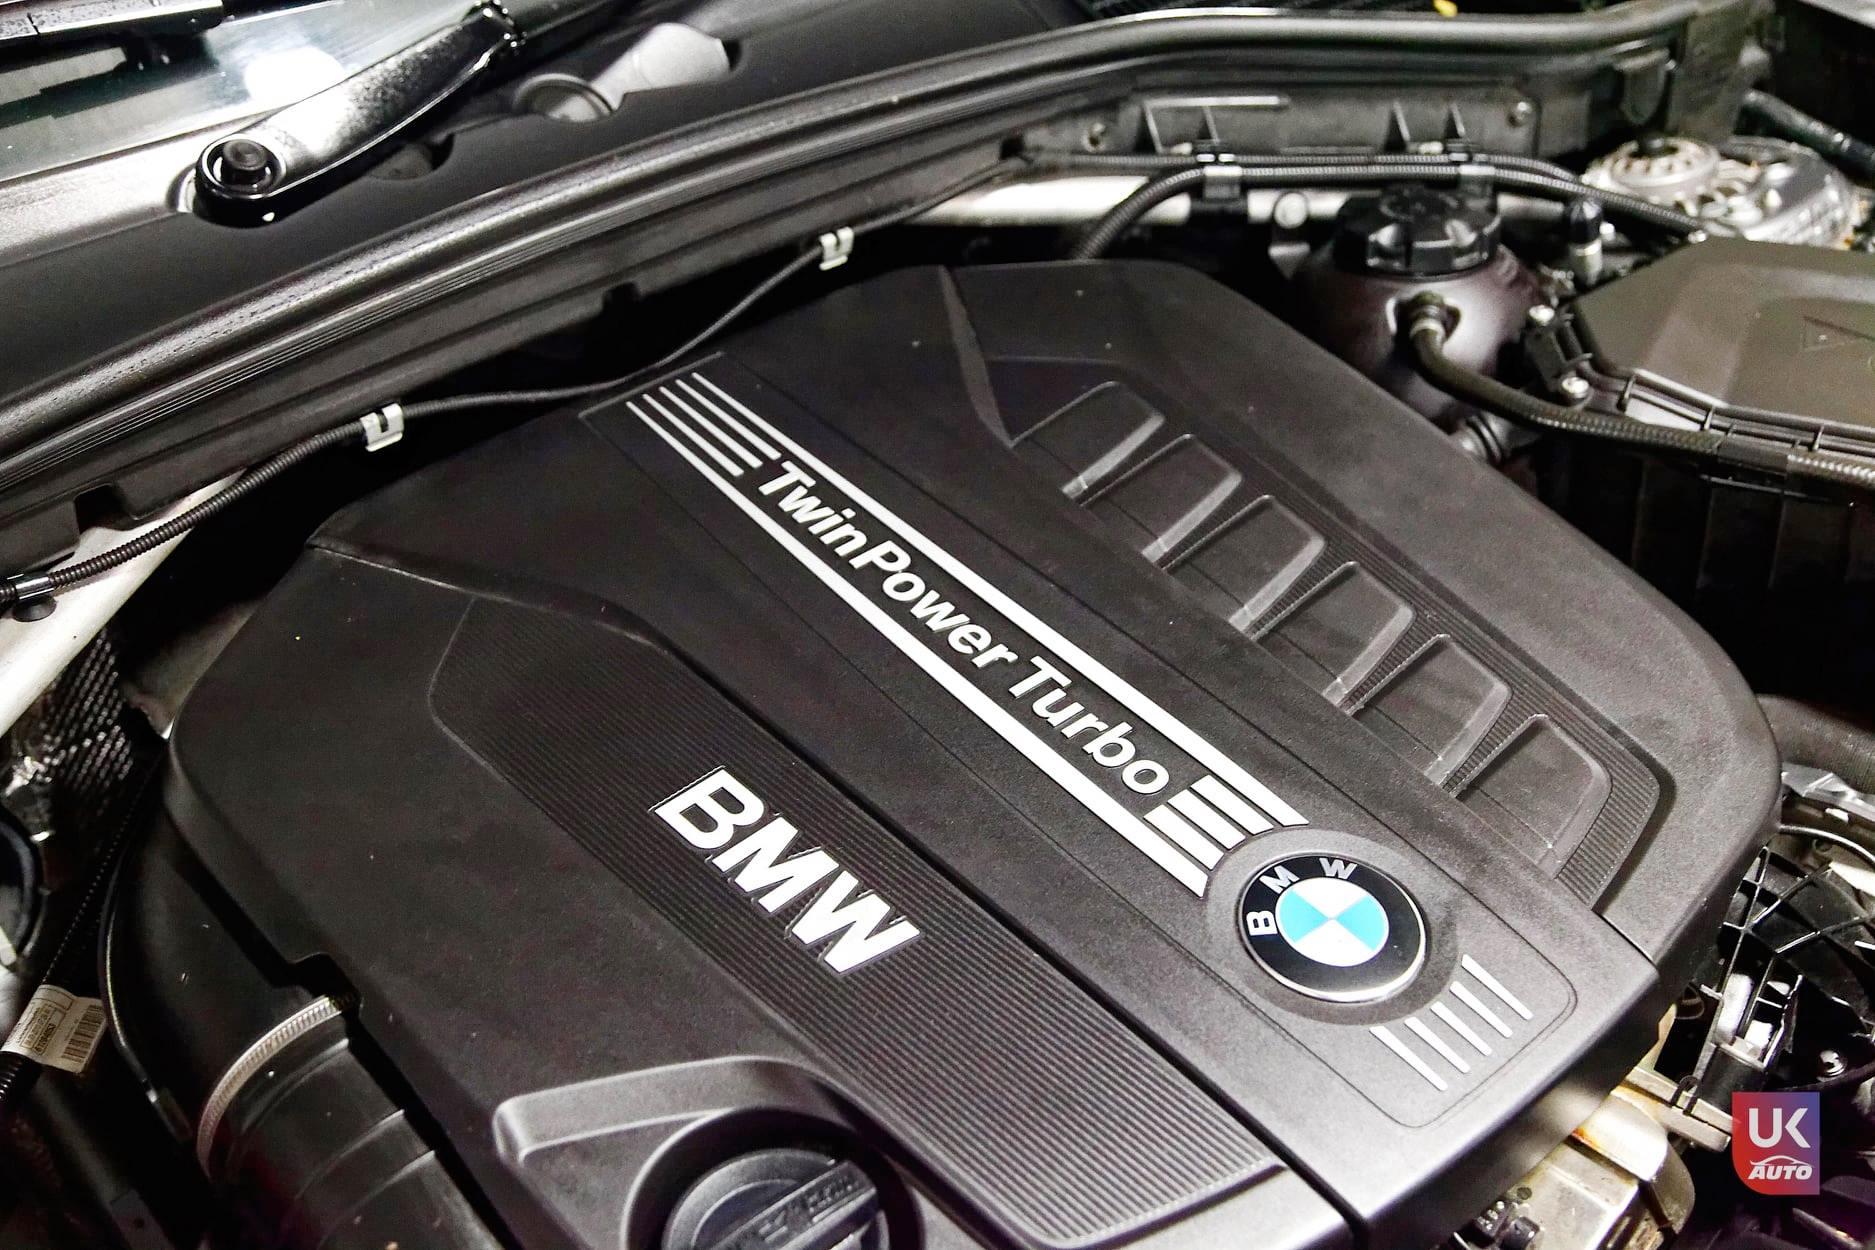 Voiture occasion royaume uni BMW X3 IMPORT UK8 - Voiture occasion royaume uni BMW X3 IMPORT UK